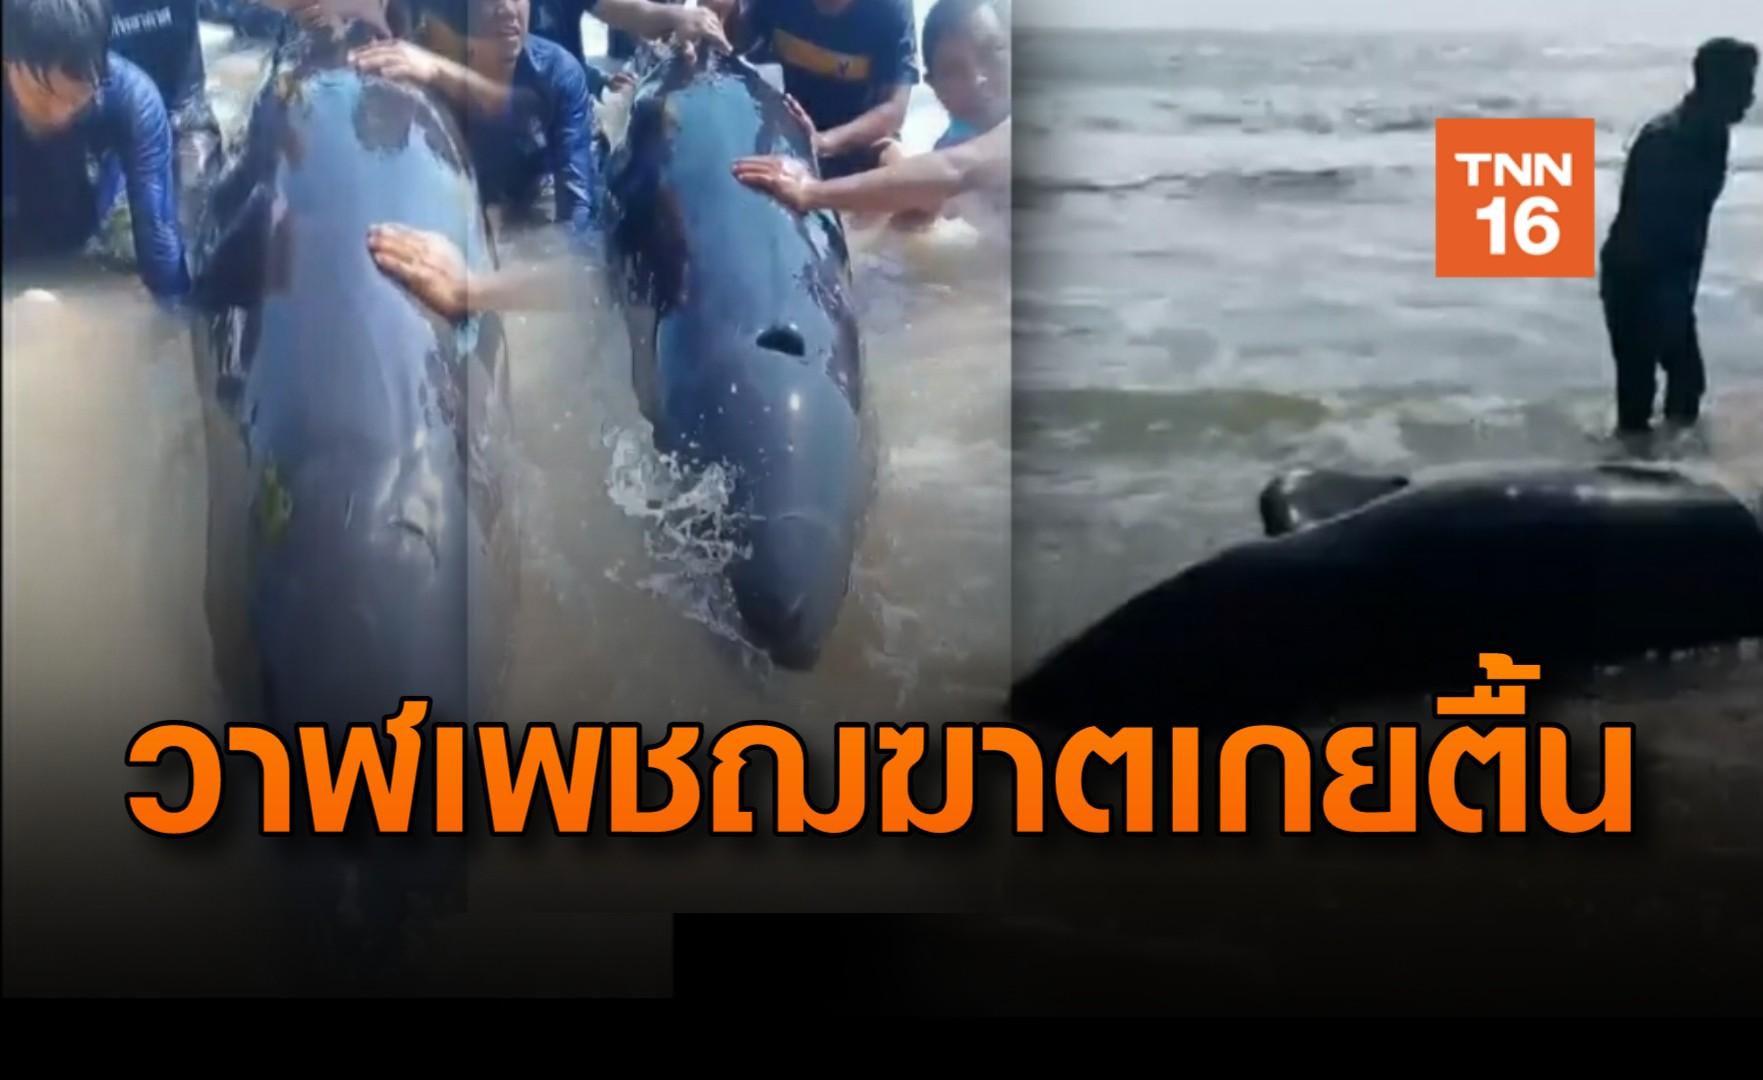 ช่วยชีวิต! วาฬเพชฌฆาตดำ บาดเจ็บเกยตื้นหาดบางเบิด